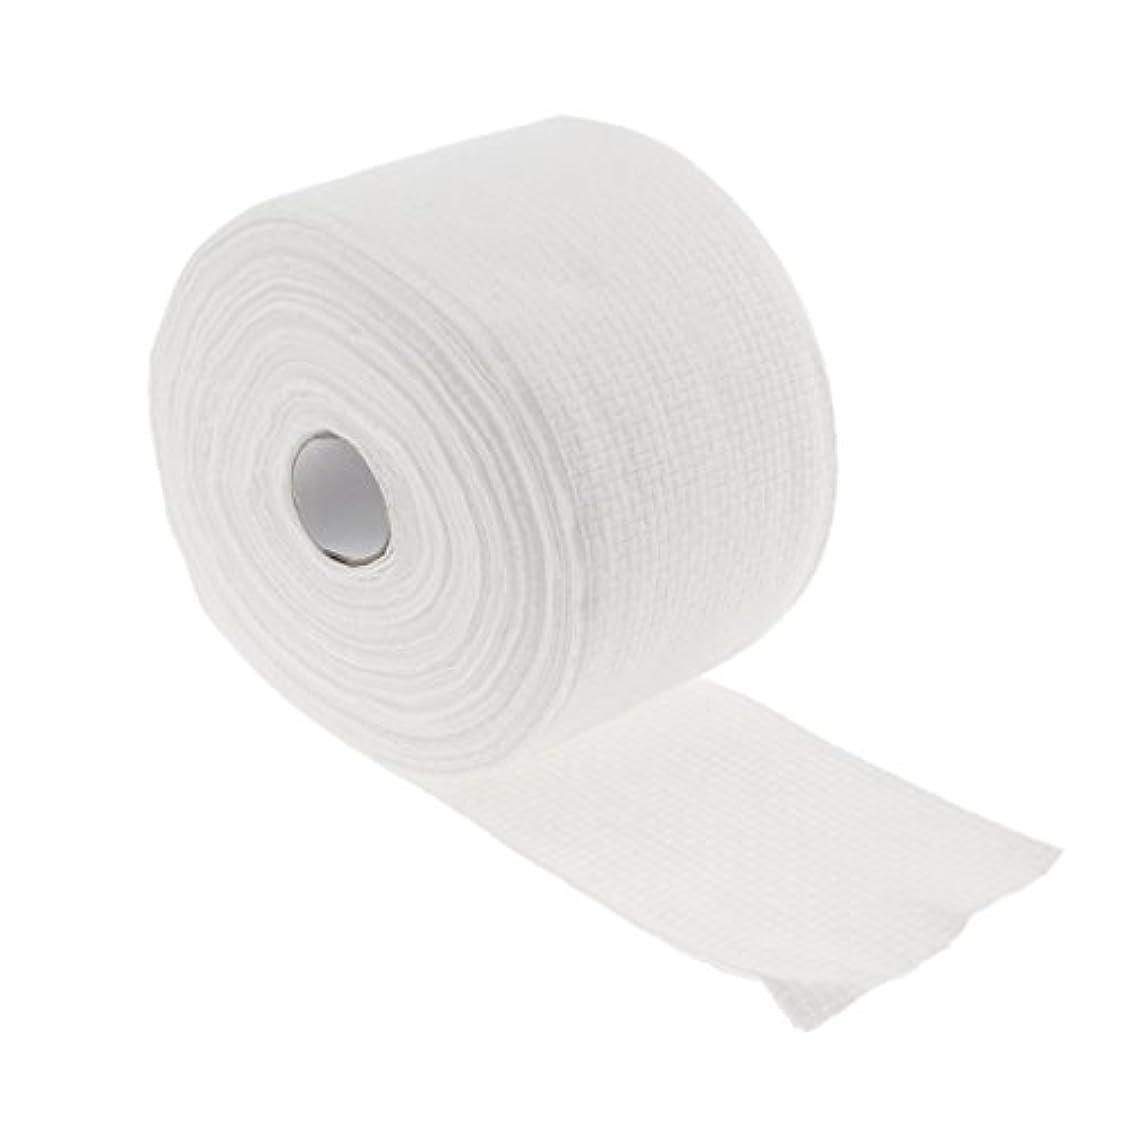 ベルベット約設定反響する1ロール30メートル使い捨てタオル繊維クレンジングフェイシャルワイプメイクリムーバー - #1